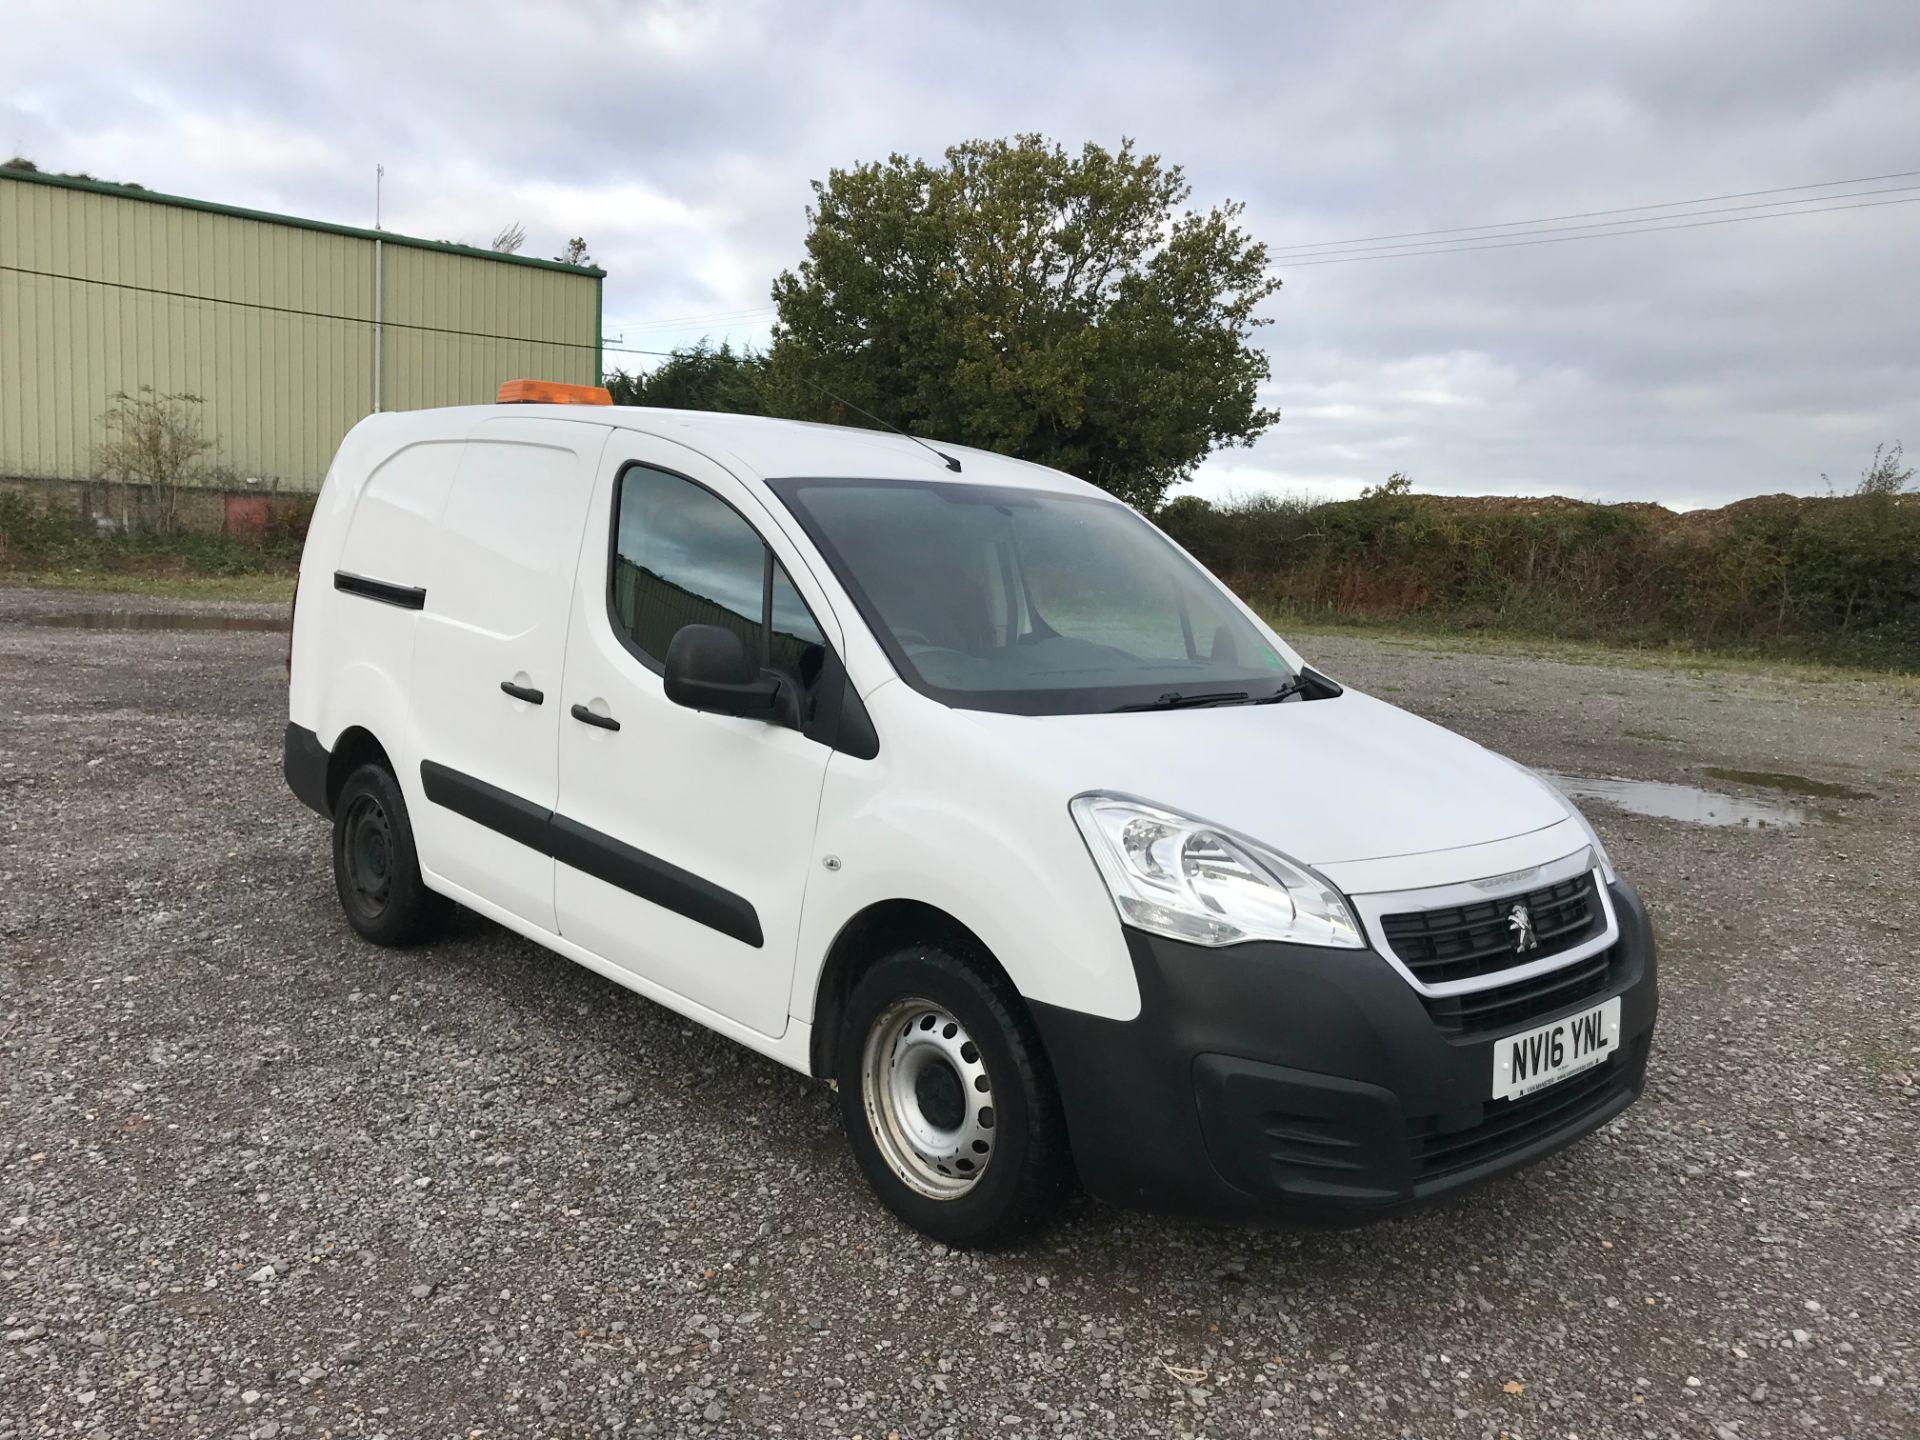 2016 Peugeot Partner 715 S 1.6 Hdi 92 Crew Van